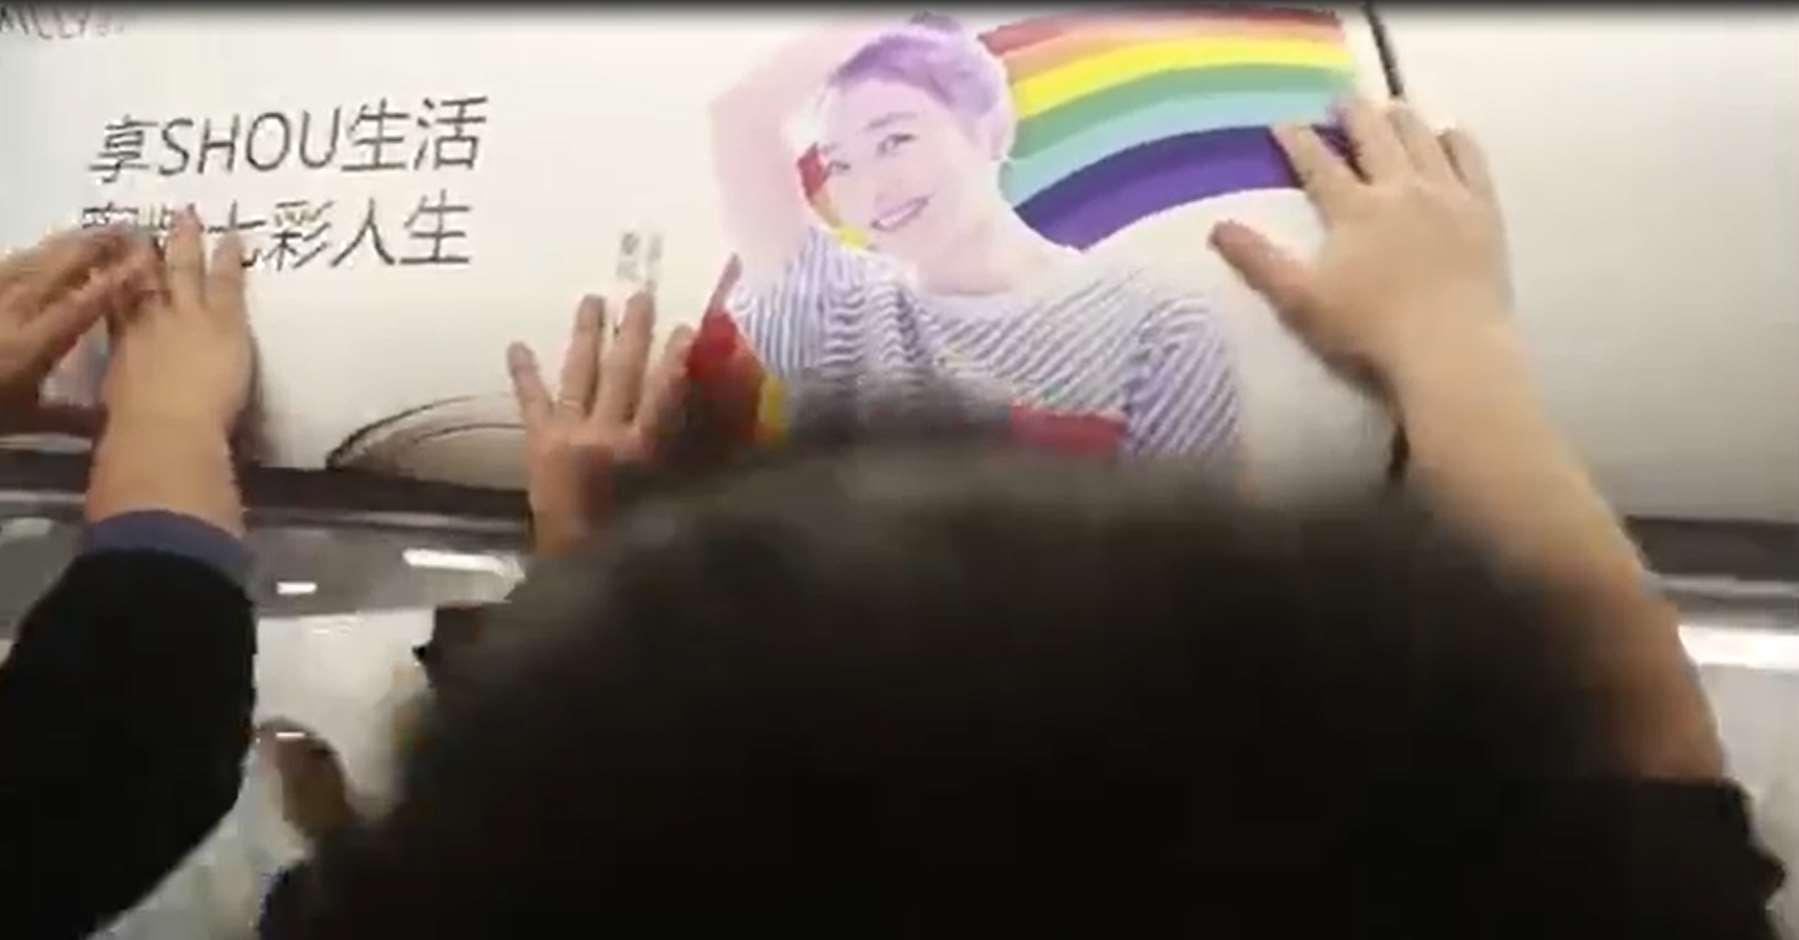 飞机LED广告视频